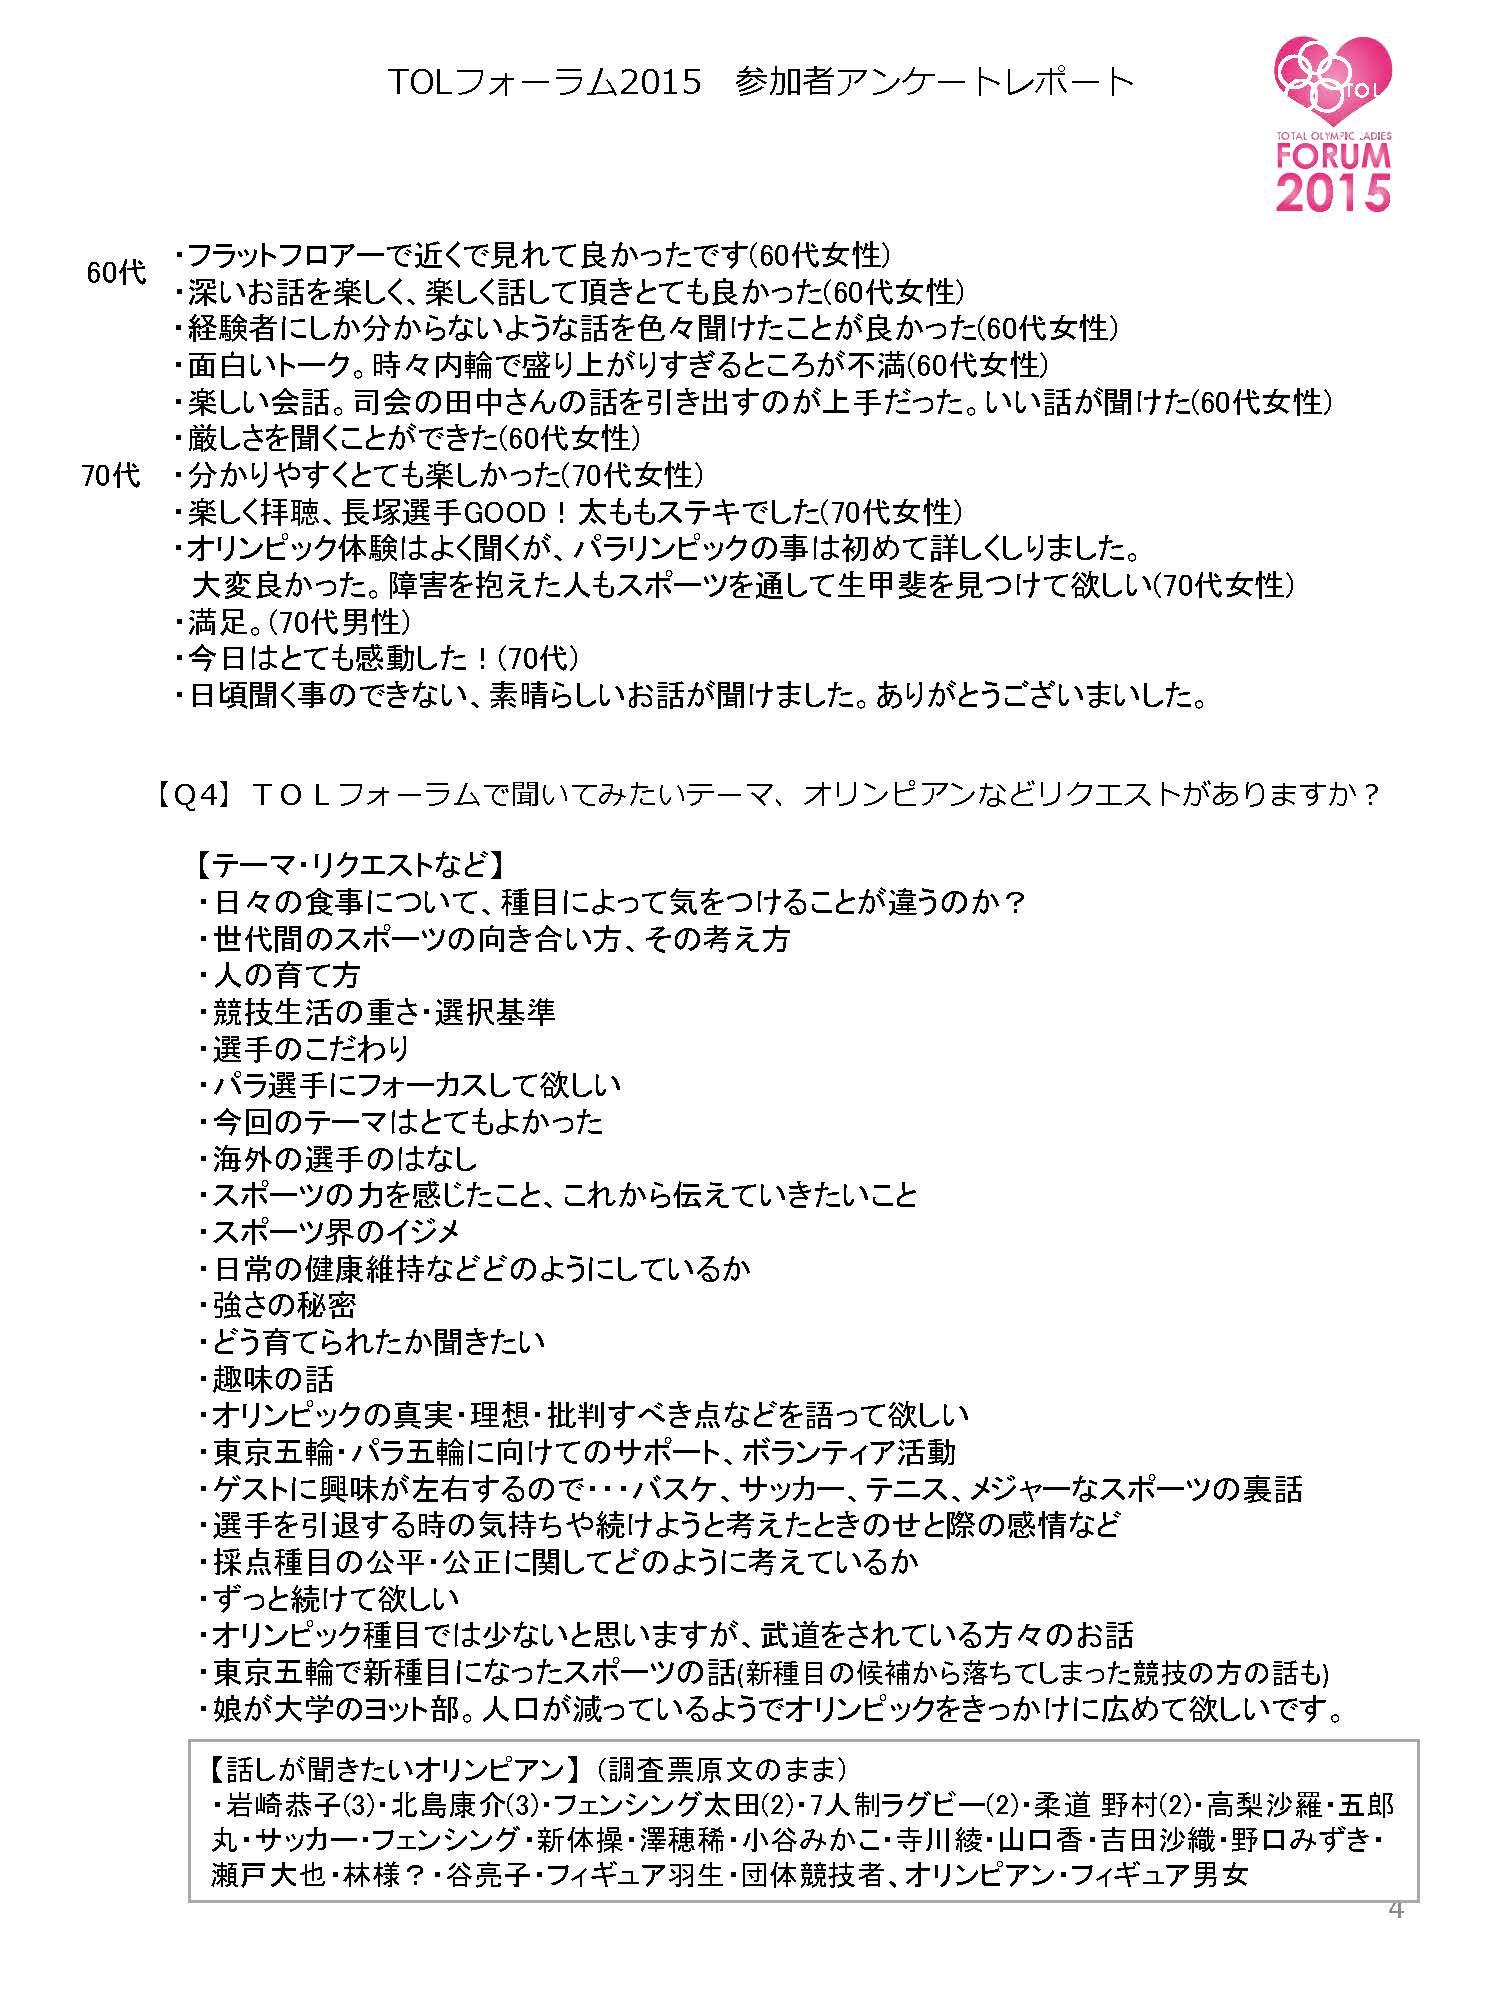 「TOLフォーラム2015」アンケート集計報告書_ページ_4